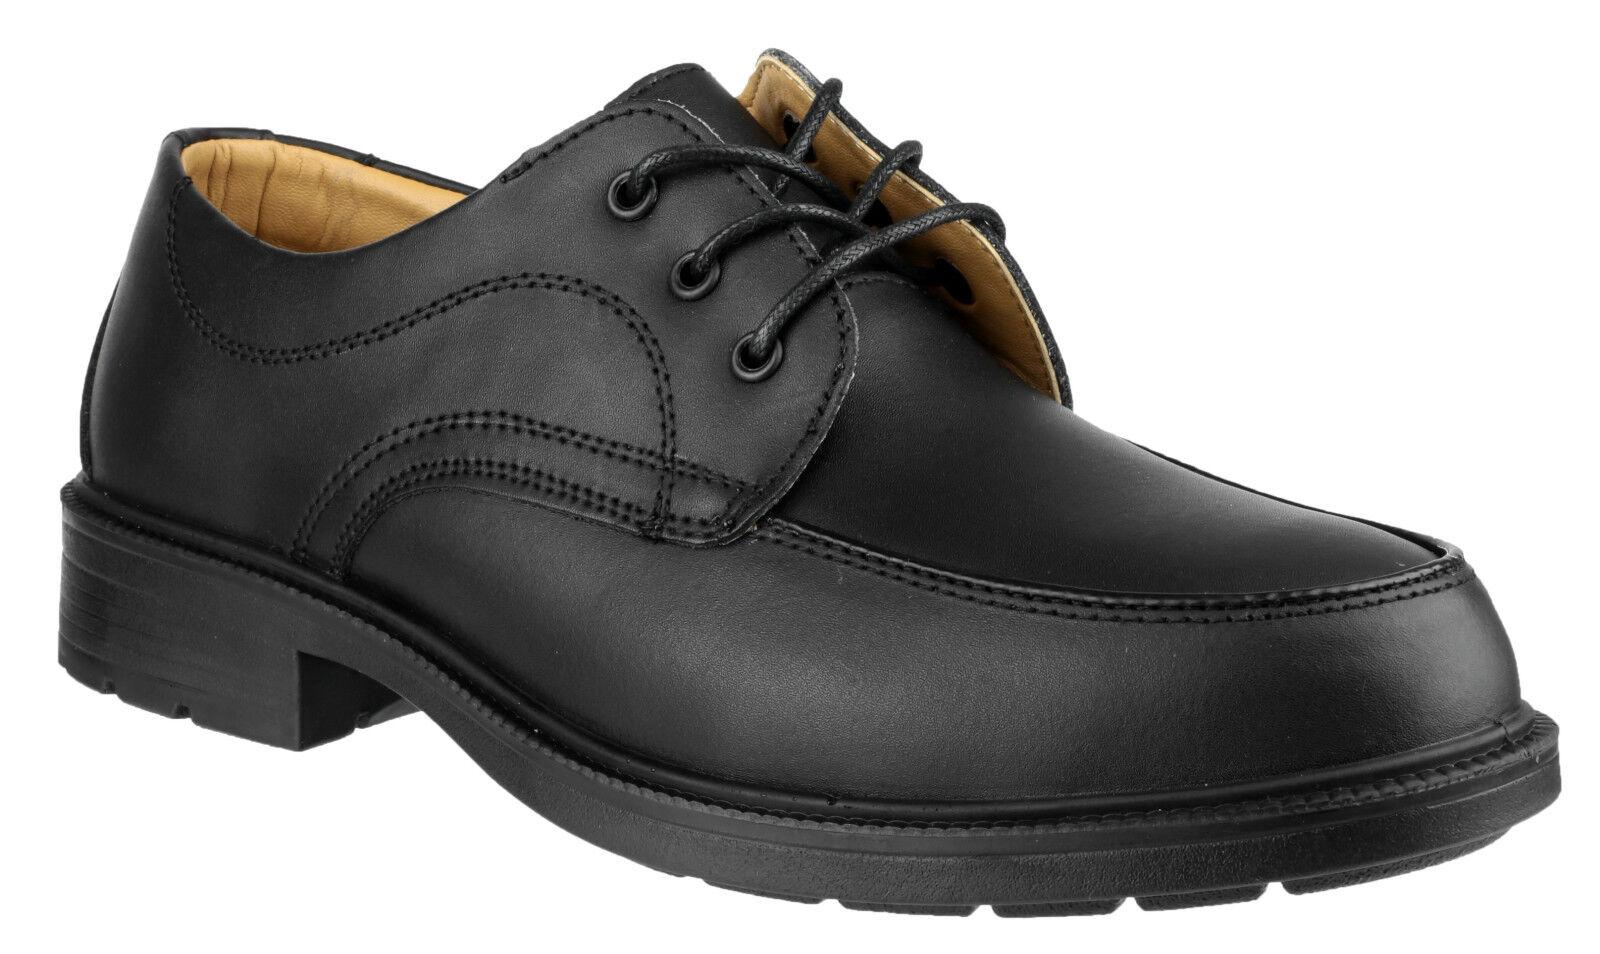 Amblers fs65 Puntera de acero seguridad zapatos hombre GIBSON INDUSTRIAL oficina